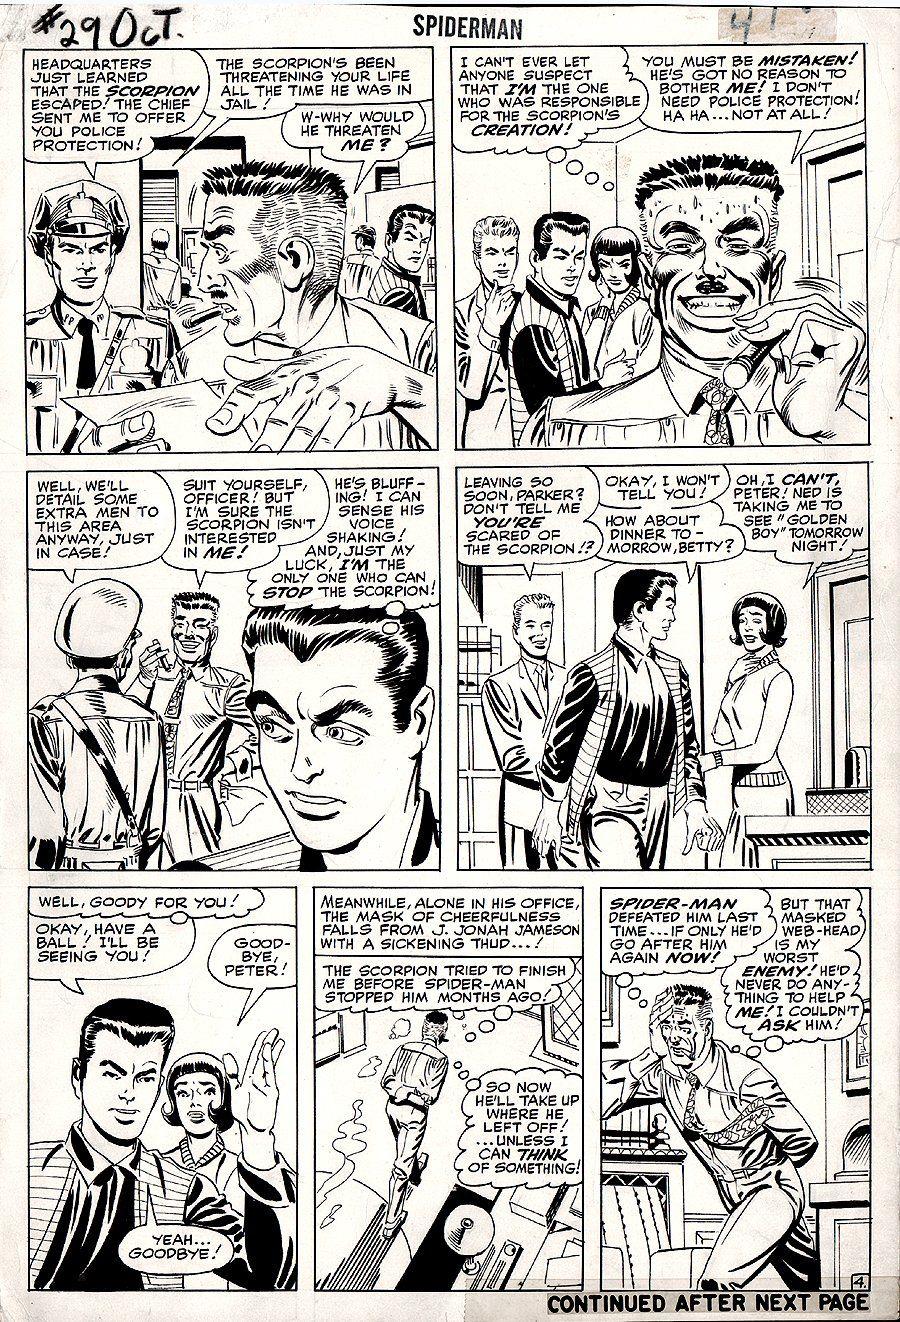 Spider-Man 29, page 4   Steve Ditko Original Art Pages